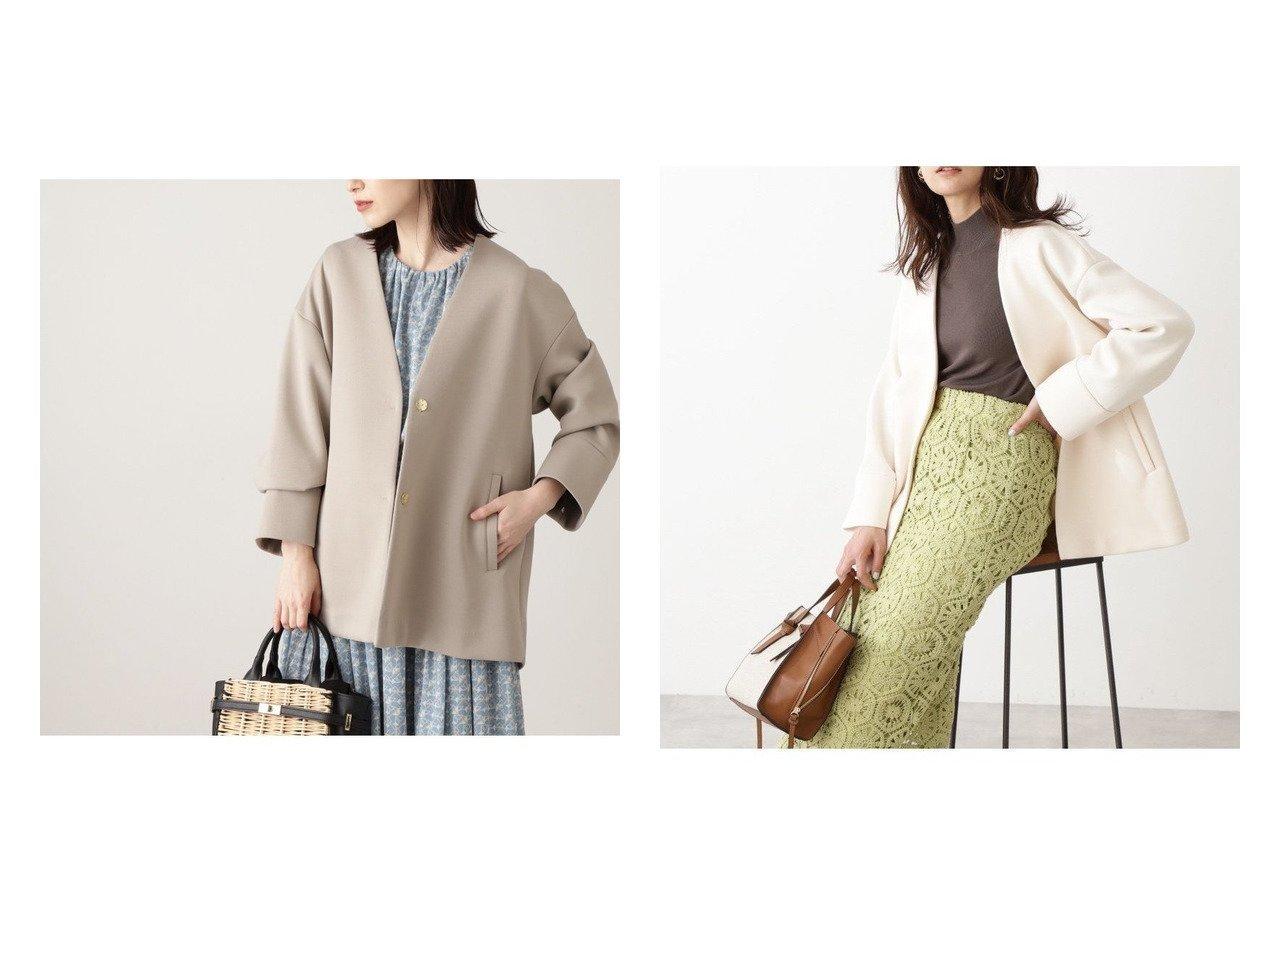 【N.Natural Beauty basic/エヌ ナチュラルビューティーベーシック】のポンチショートコート 【アウター】おすすめ!人気、トレンド・レディースファッションの通販  おすすめで人気の流行・トレンド、ファッションの通販商品 メンズファッション・キッズファッション・インテリア・家具・レディースファッション・服の通販 founy(ファニー) https://founy.com/ ファッション Fashion レディースファッション WOMEN アウター Coat Outerwear コート Coats ジャケット Jackets ブルゾン Blouson/Jackets NEW・新作・新着・新入荷 New Arrivals おすすめ Recommend ジャケット ブルゾン 春 Spring |ID:crp329100000027437